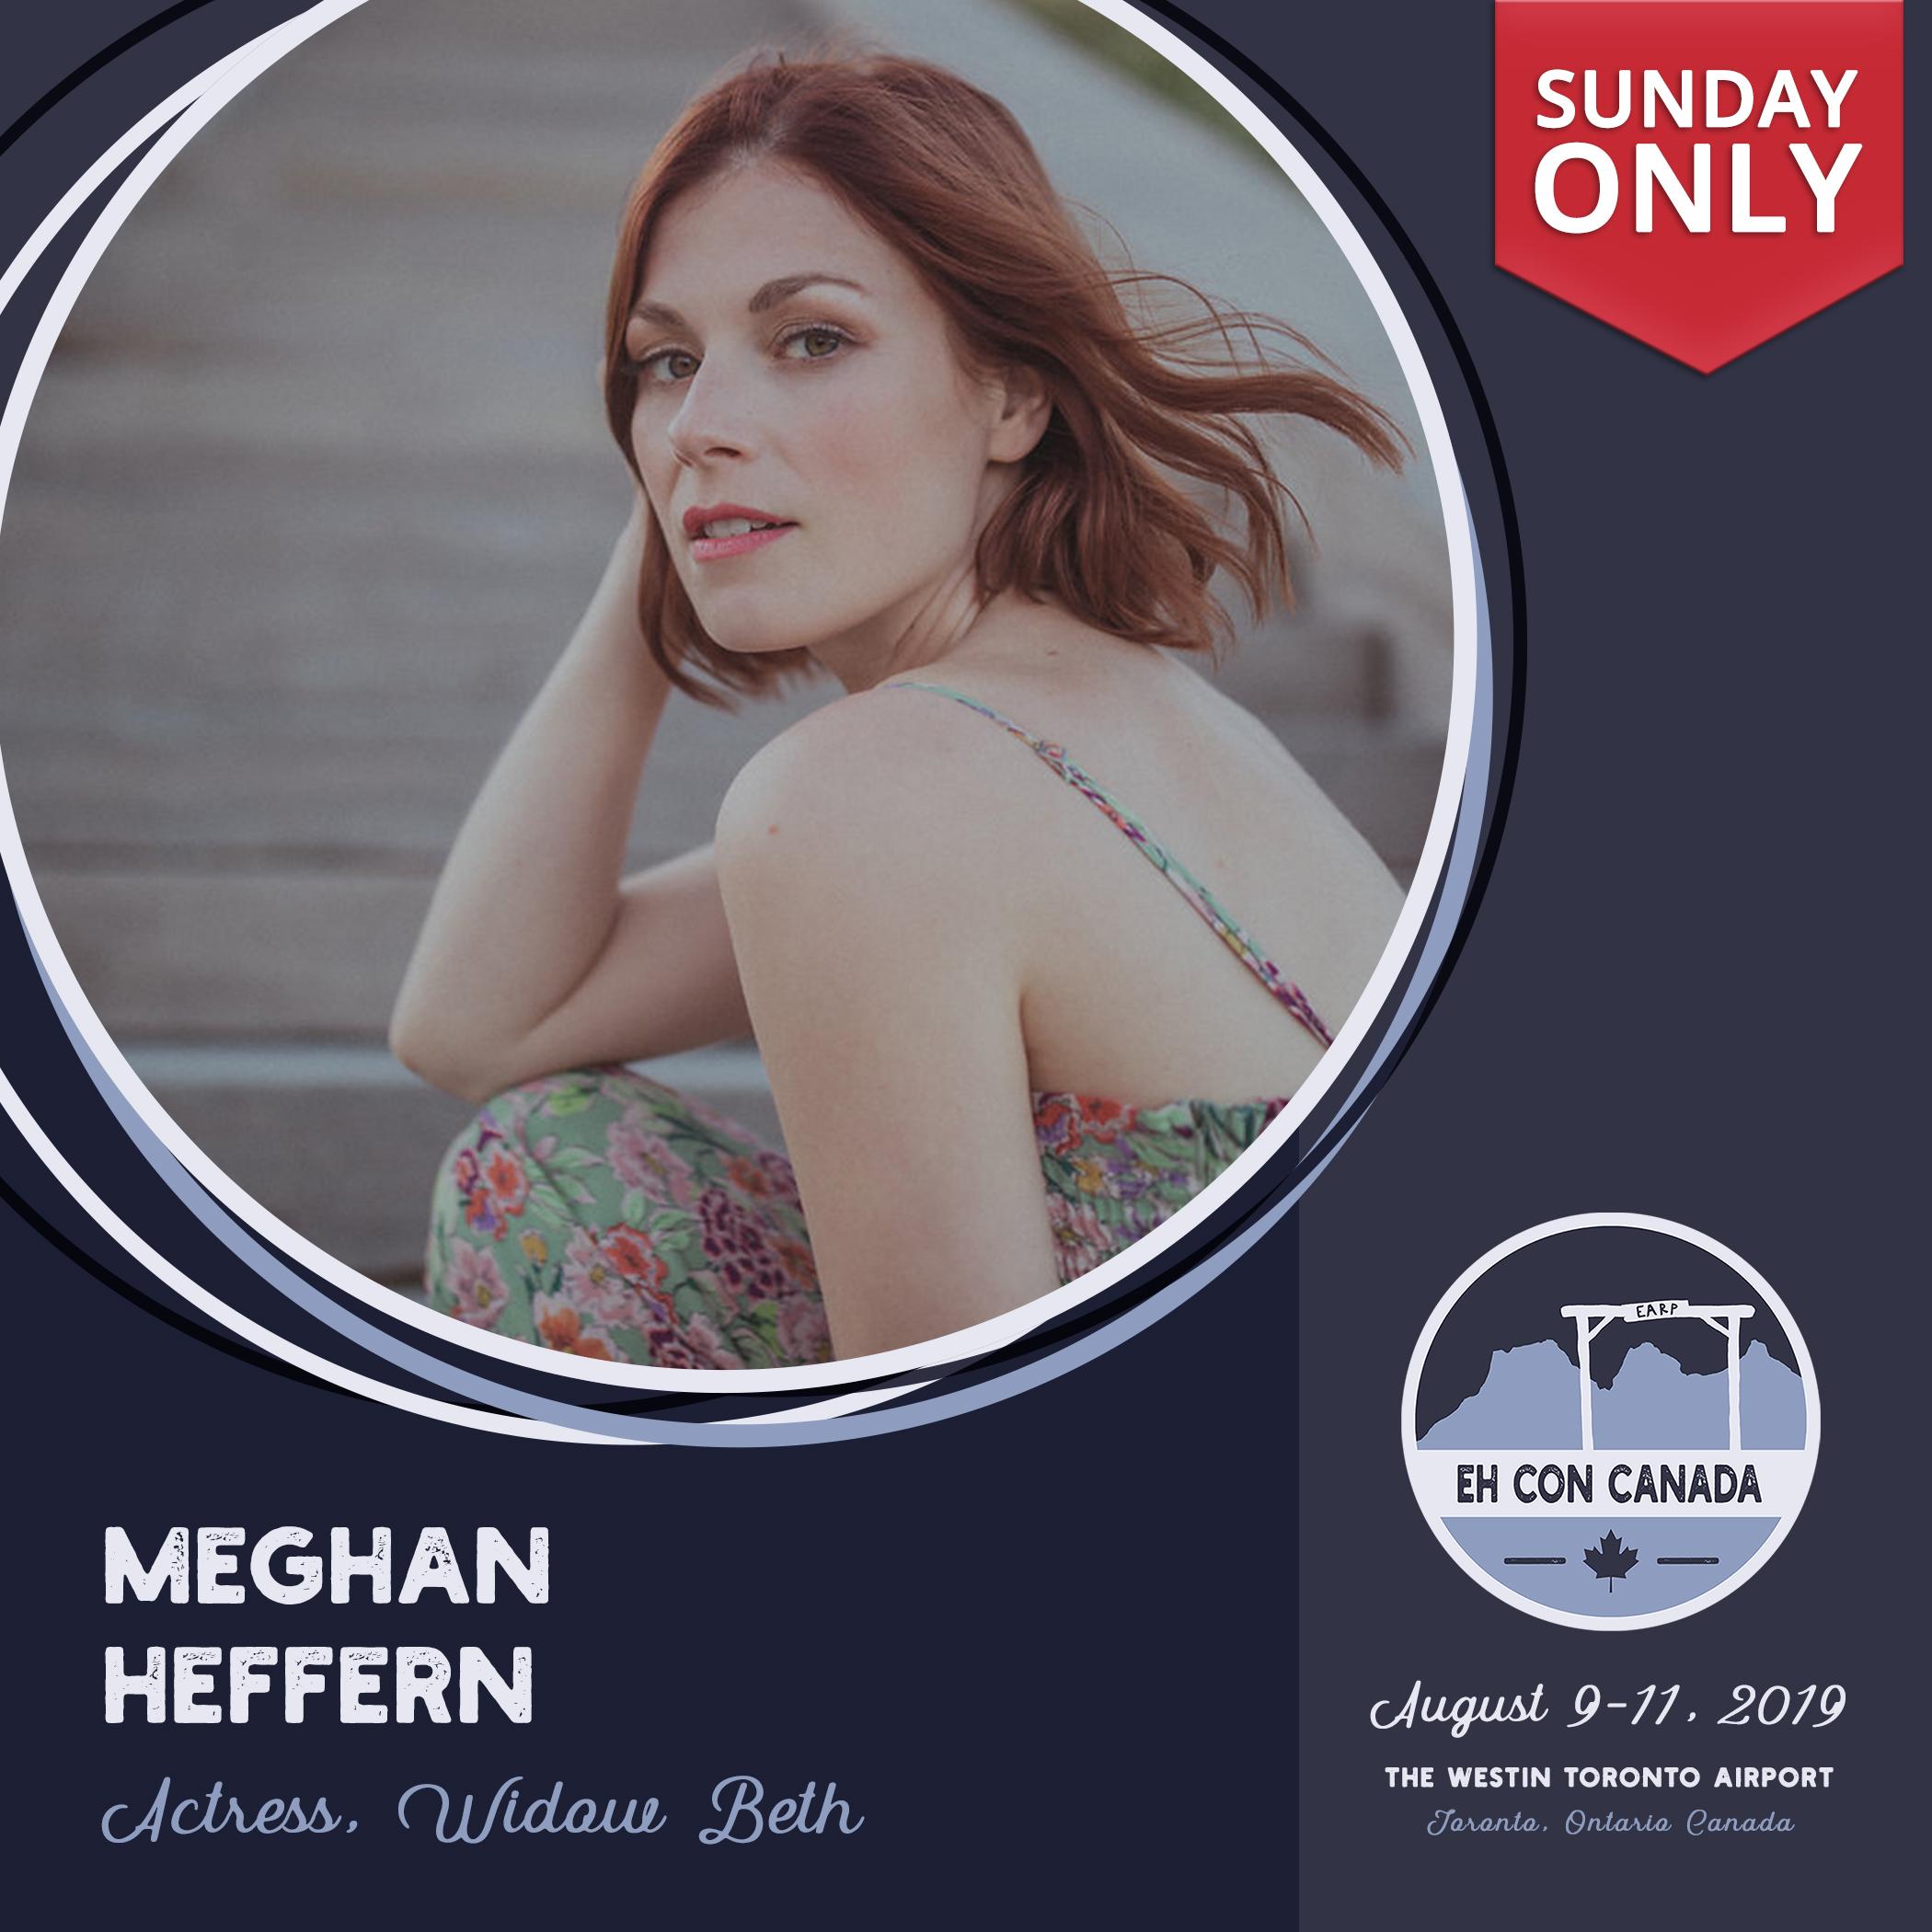 Meghan's Bio